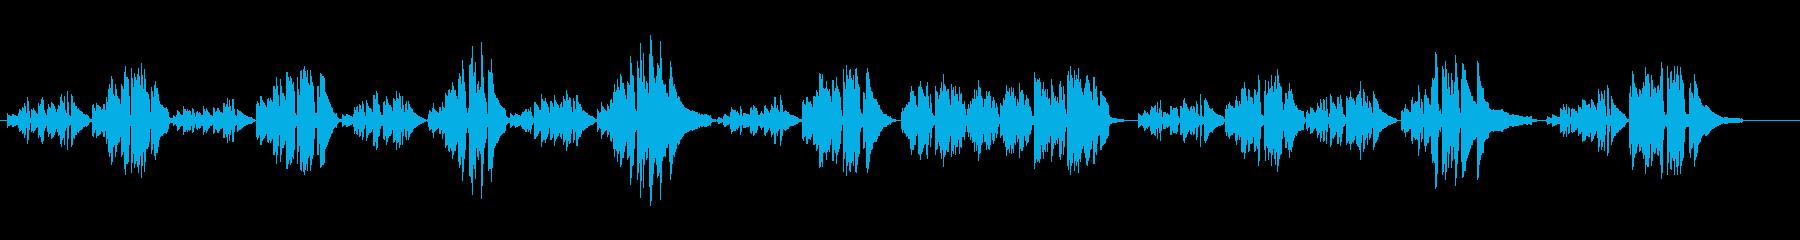 シューマン「シチリアのおどり」ピアノソロの再生済みの波形